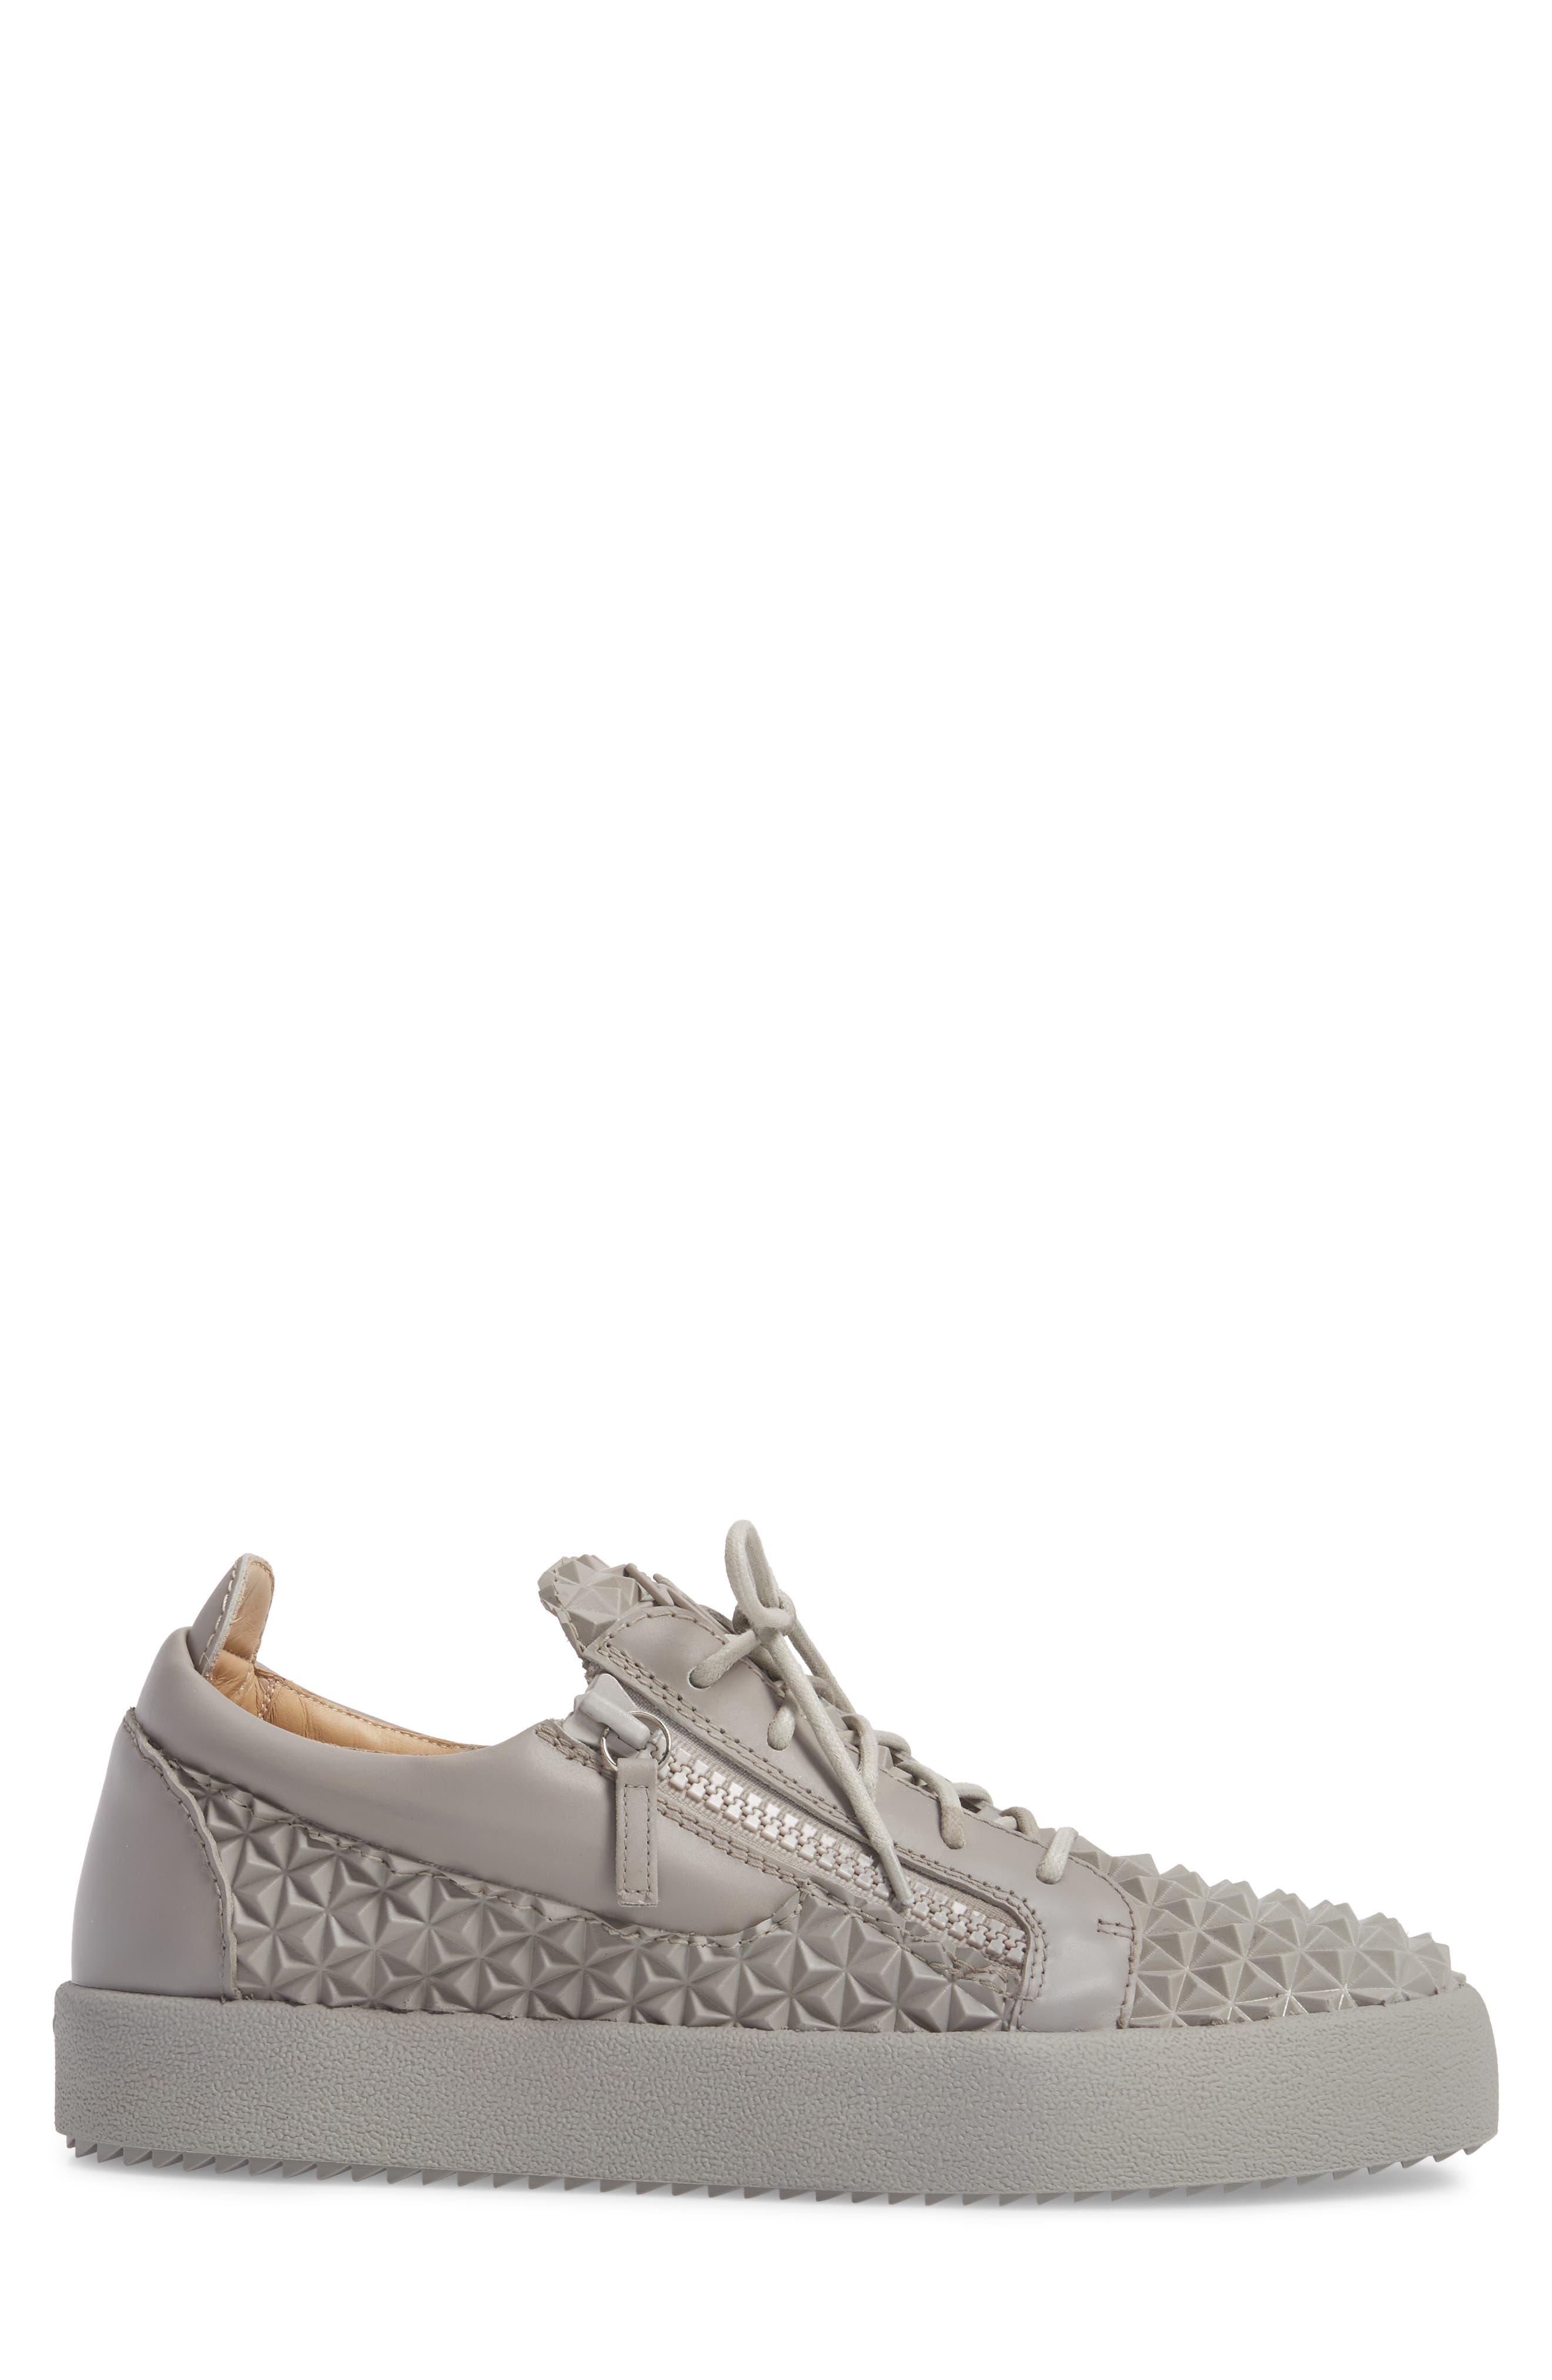 Low Top Sneaker,                             Alternate thumbnail 3, color,                             006